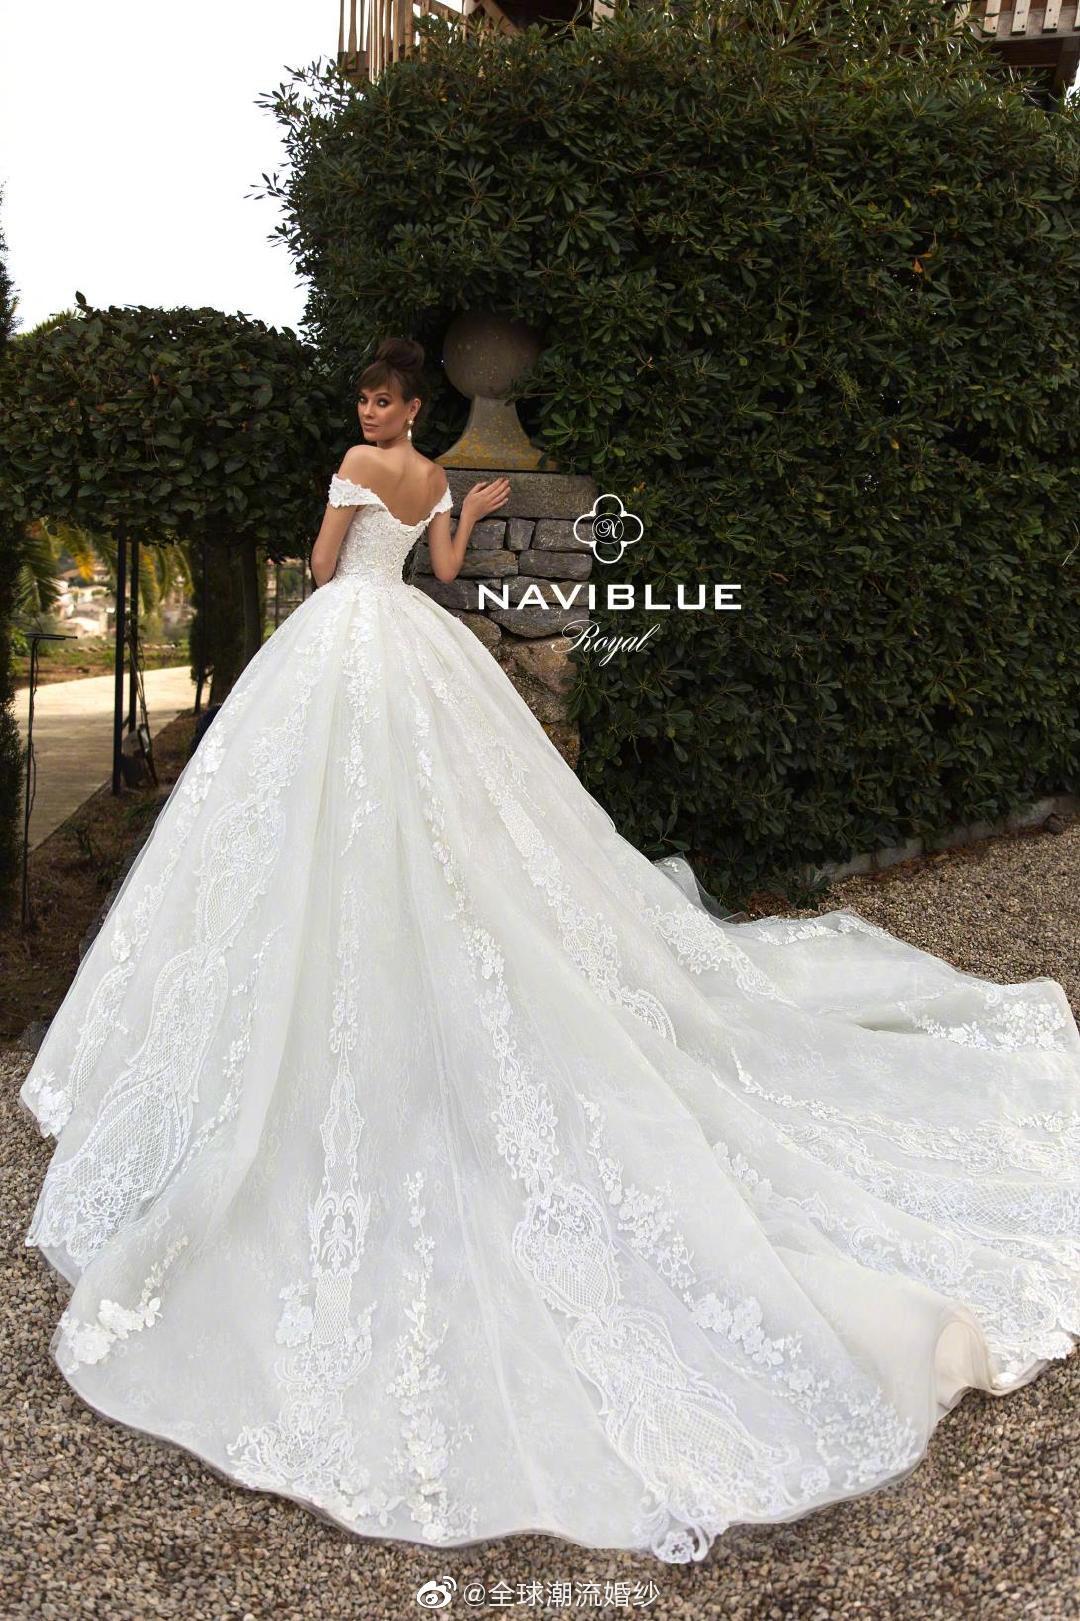 来自俄罗斯的皇室婚纱品牌NaviBlue